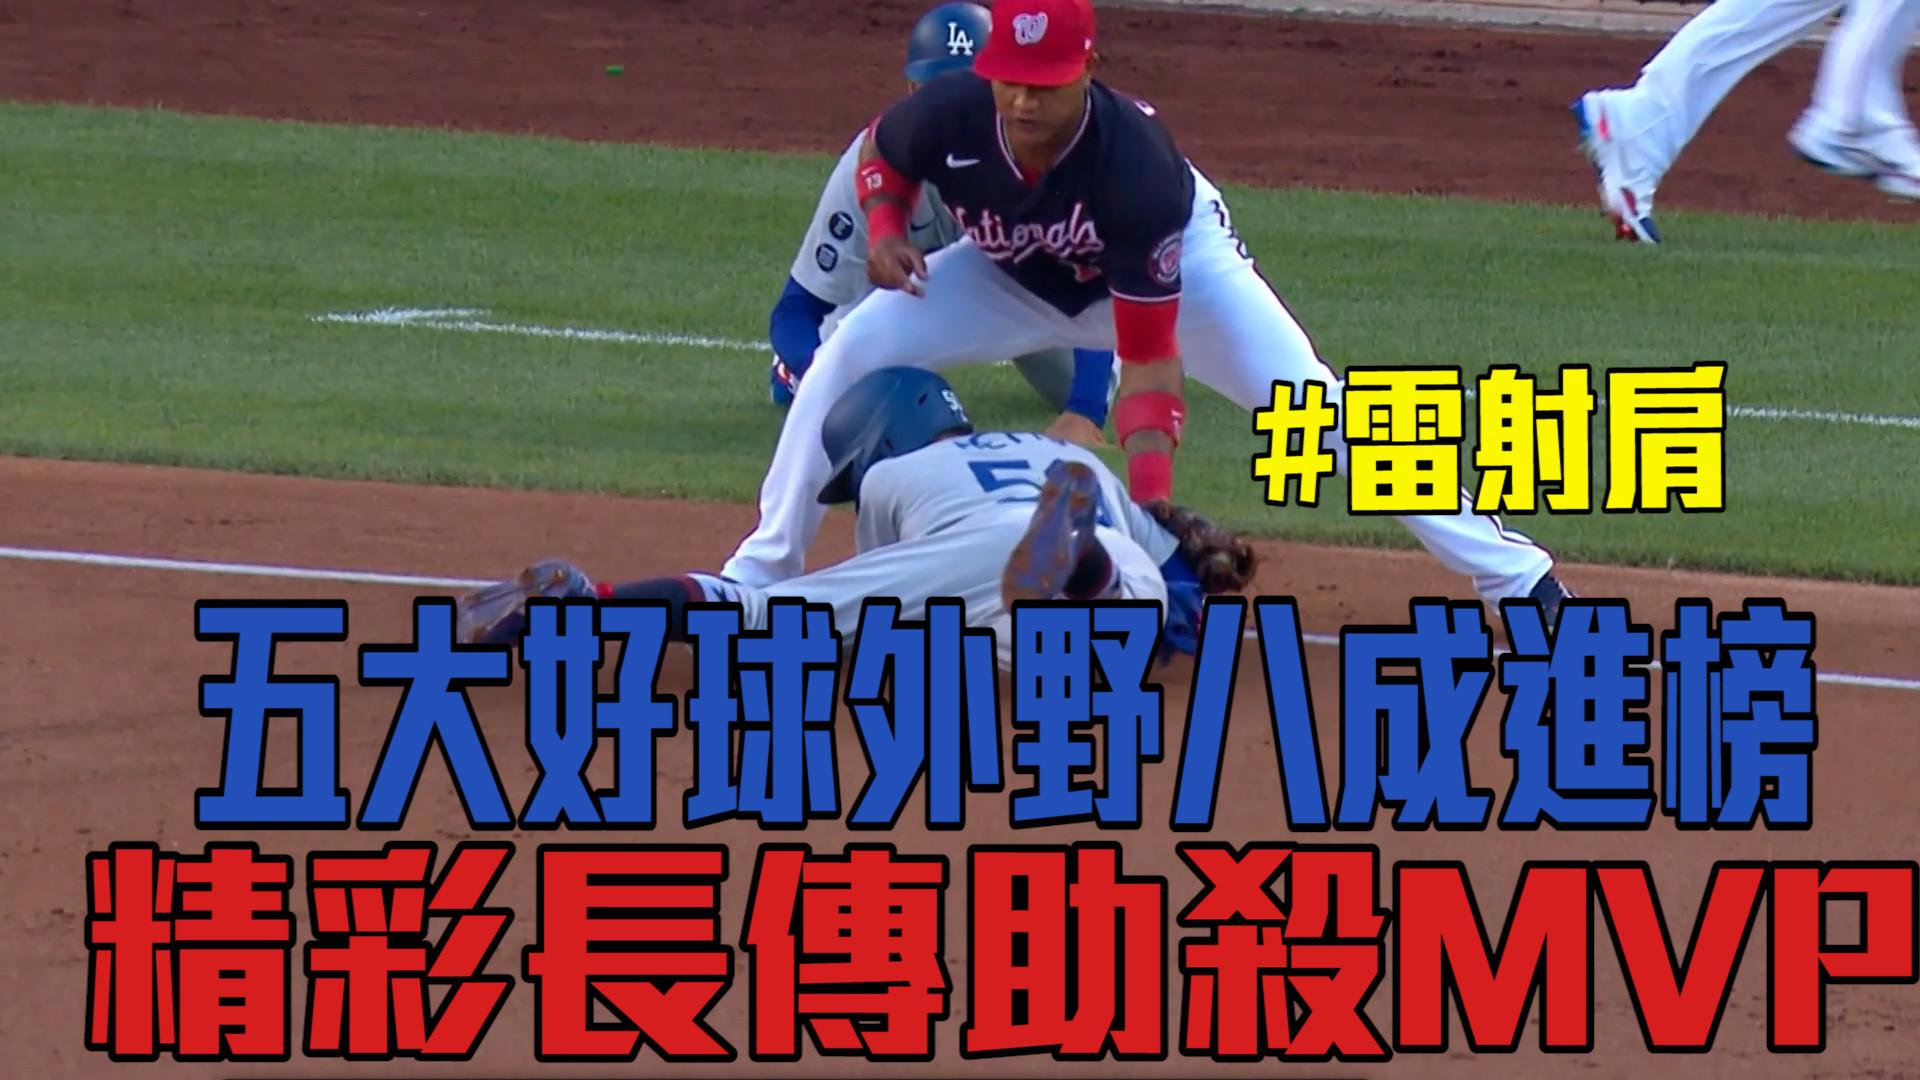 【MLB看愛爾達】蜘蛛人降臨大聯盟 五大好球秀味十足 07/03